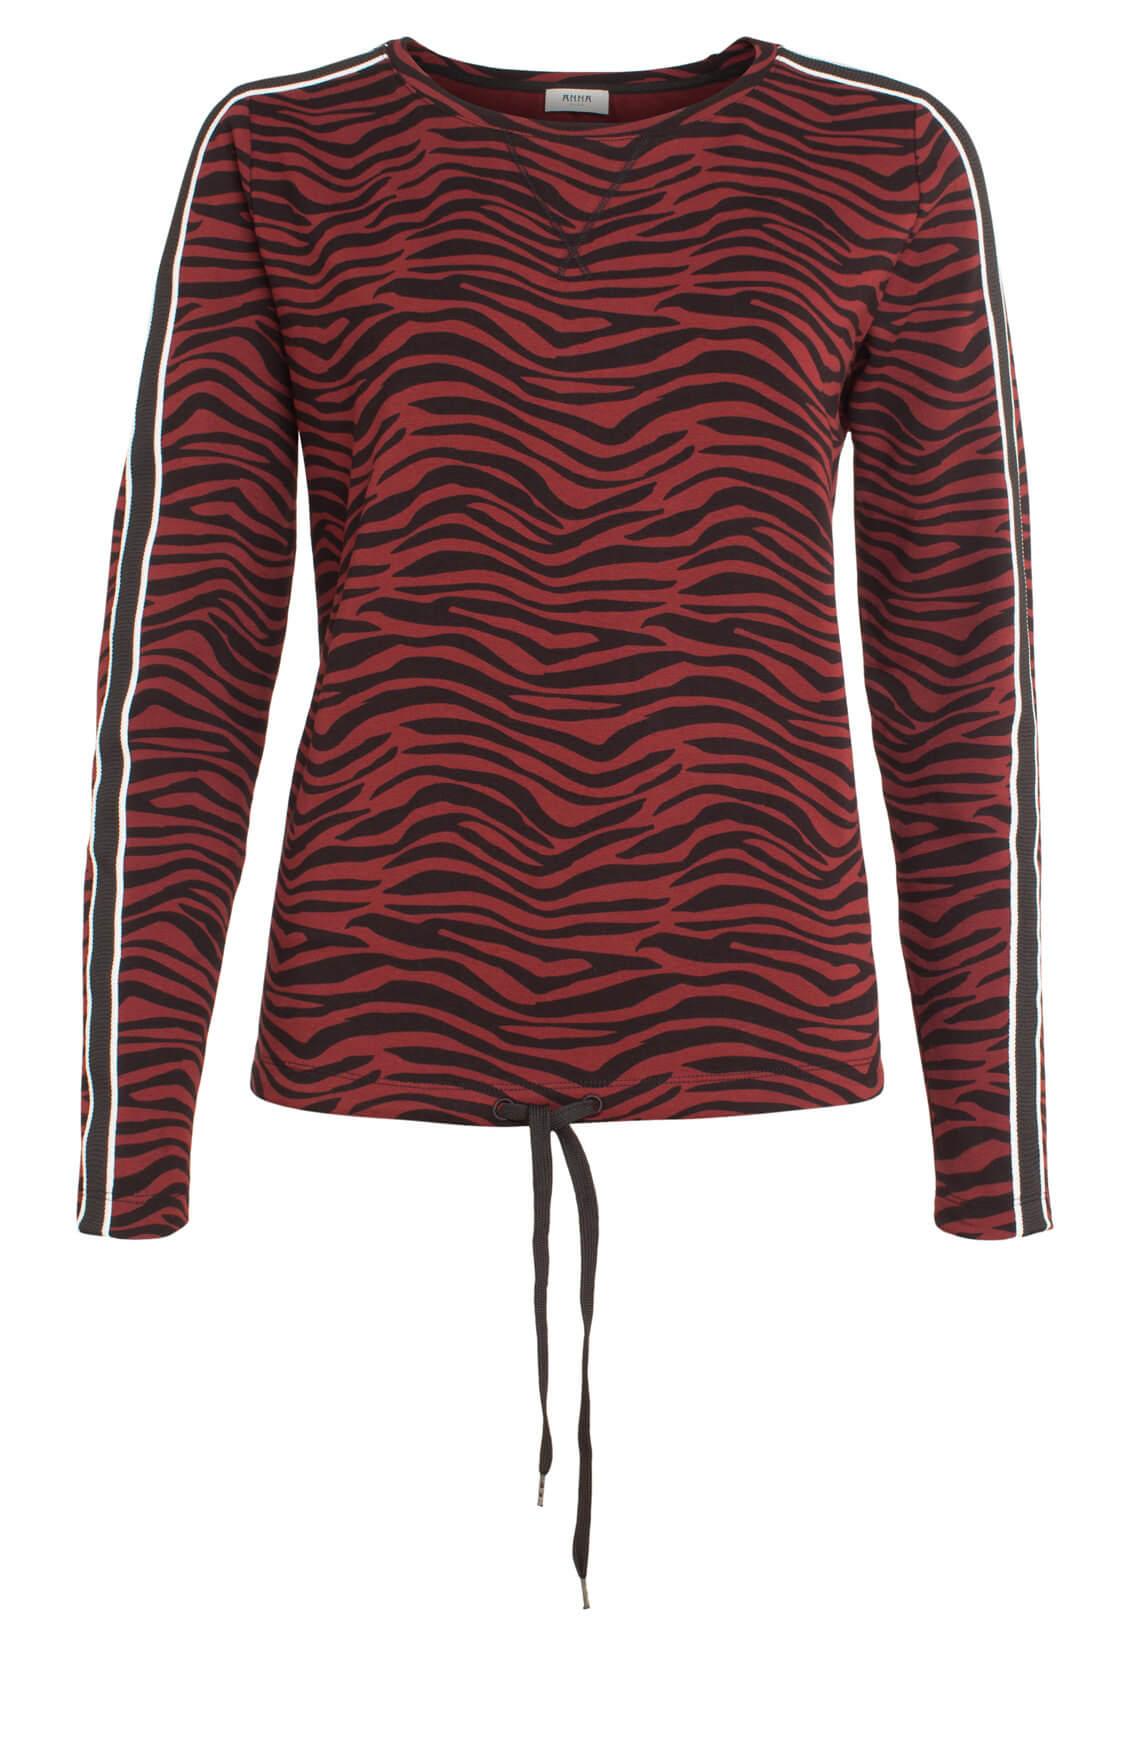 Anna Blue Dames Shirt met zebraprint Rood